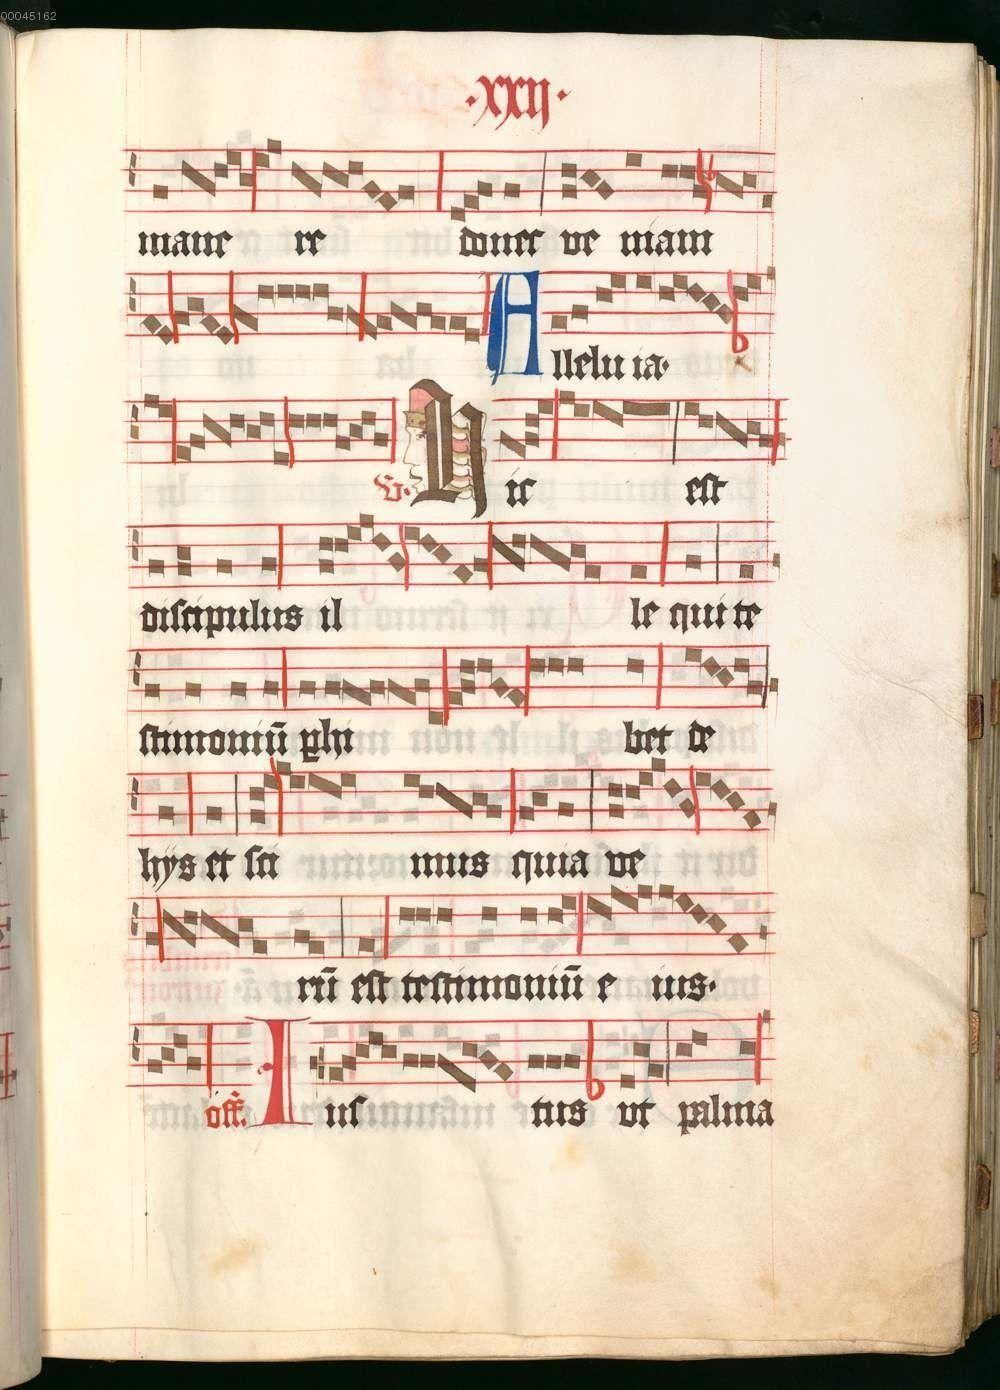 Missale, cum notis musicis et cum figuris literisque pictis Berthold Furtmeyr Clm 23032 [Regensburg], Ende 15. Jahrhundert Folio 22